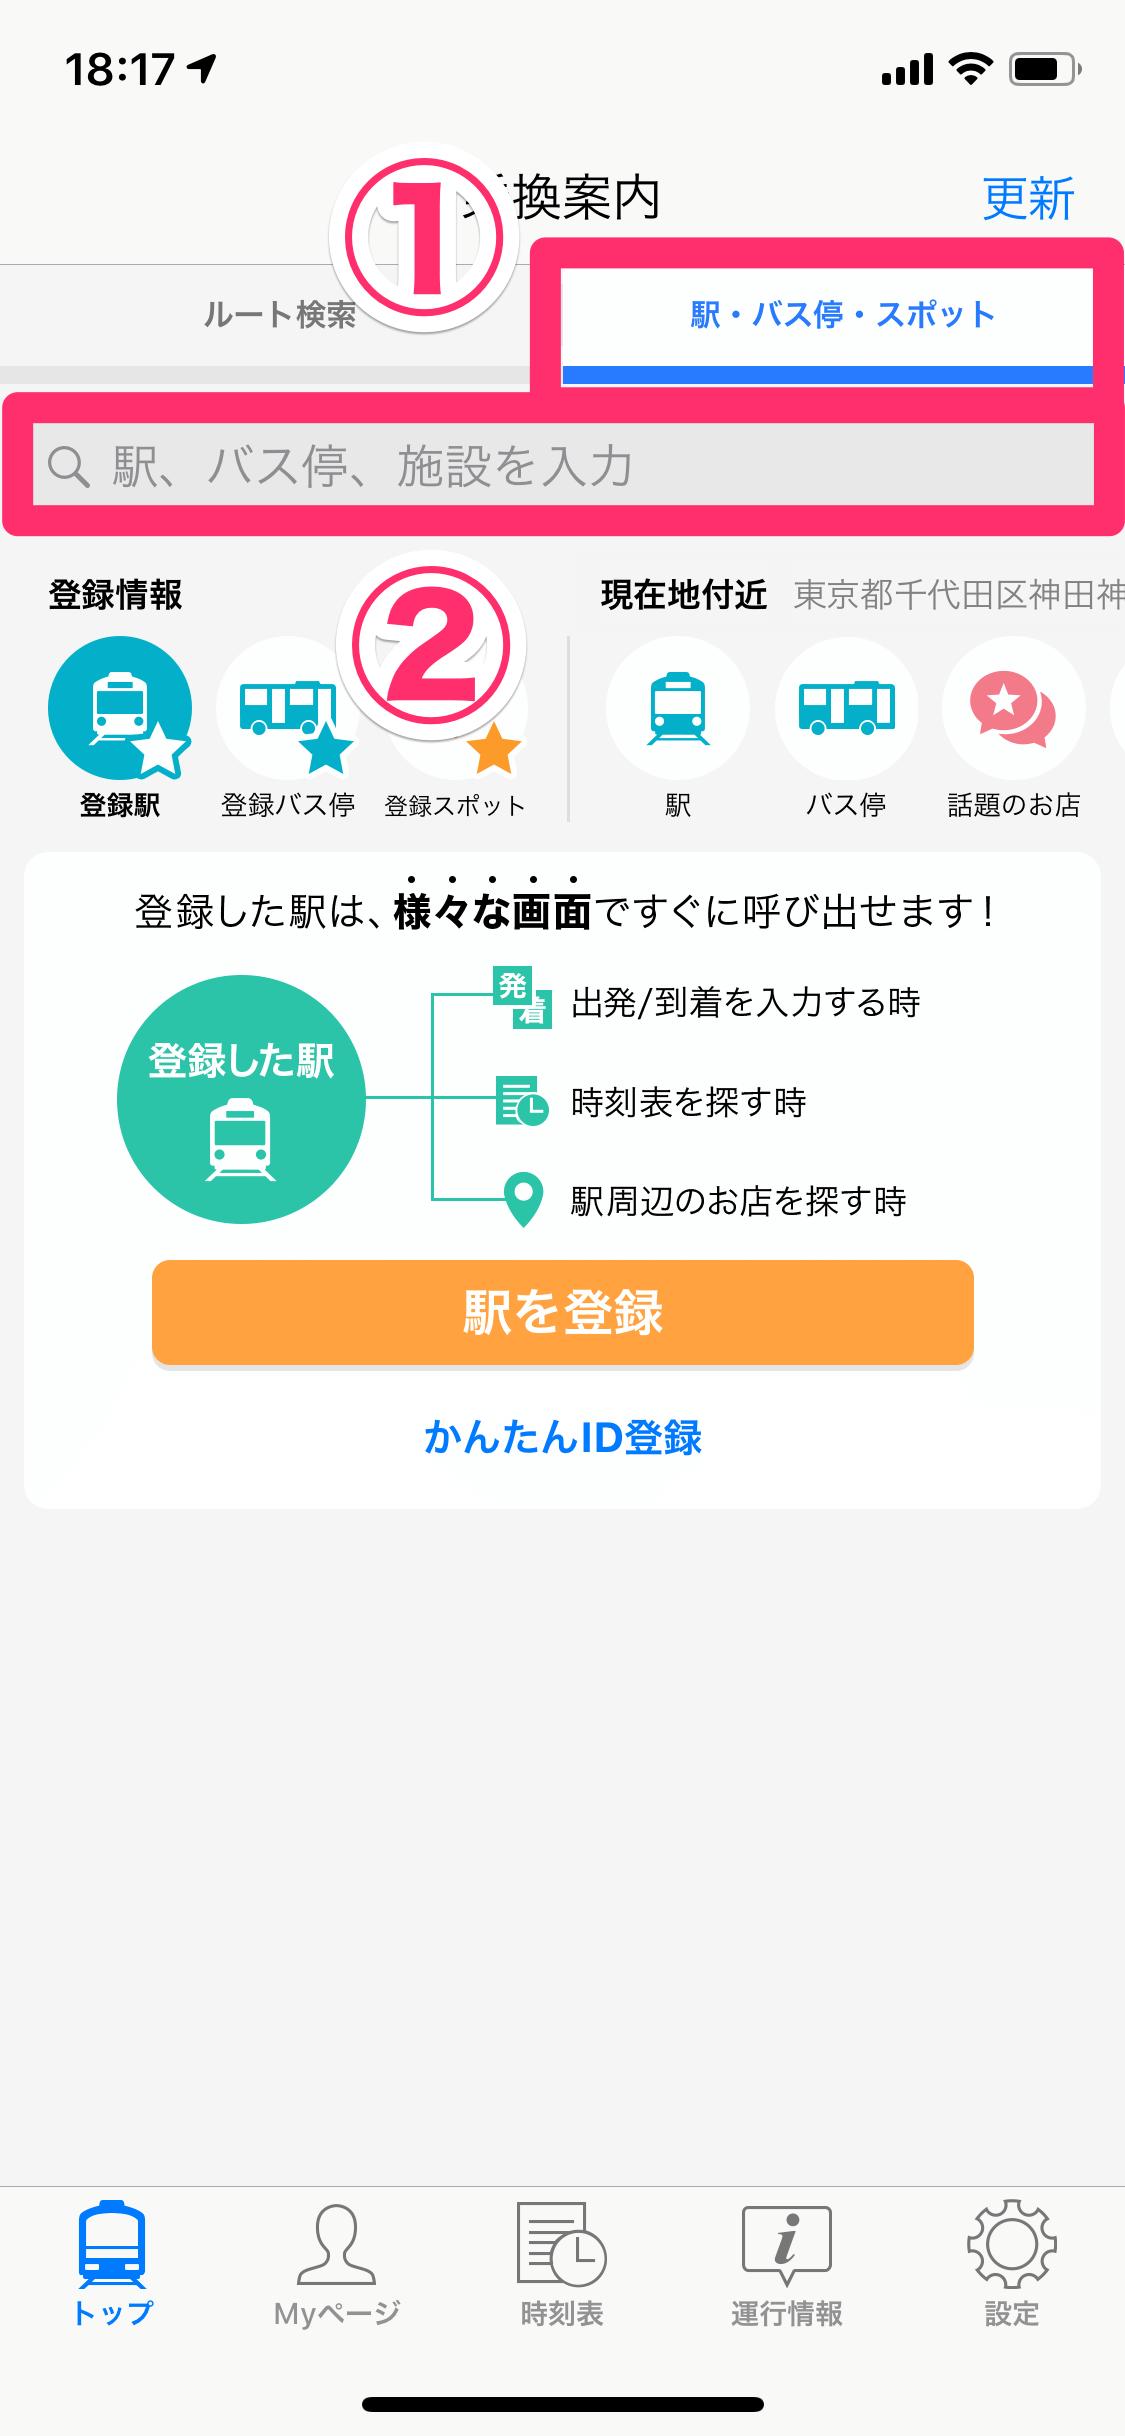 よく使うバス停を登録できる!バスの時刻表検索がさらに便利になった「Yahoo!乗換案内」